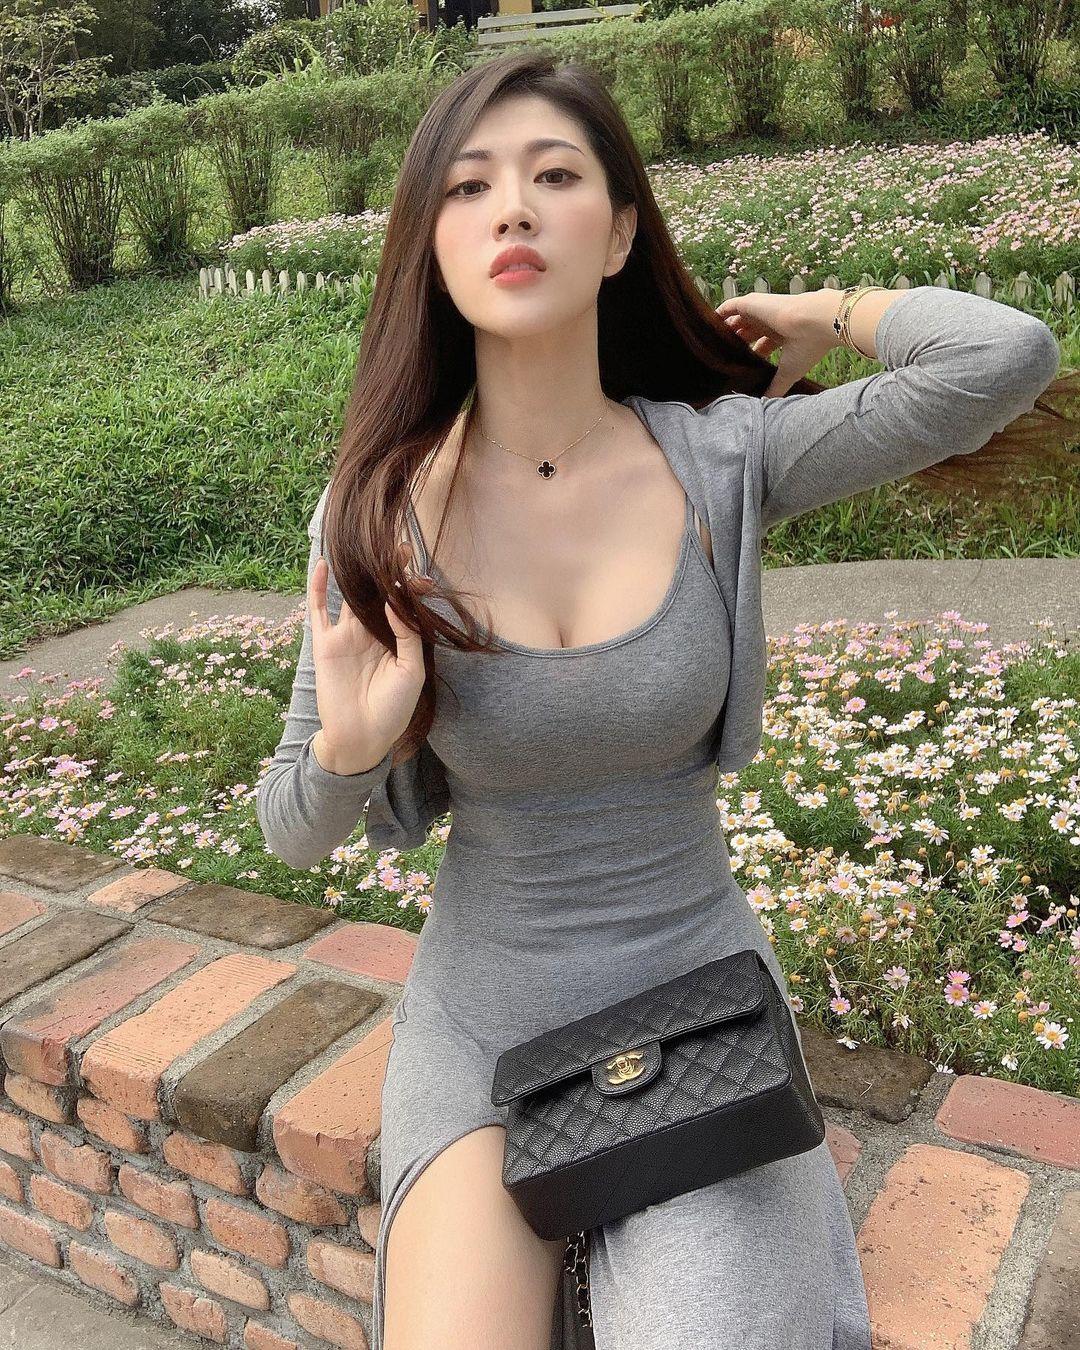 劉庭羽 「白皙姣好身材」滿滿大尺度辣照 - 美女圖 -